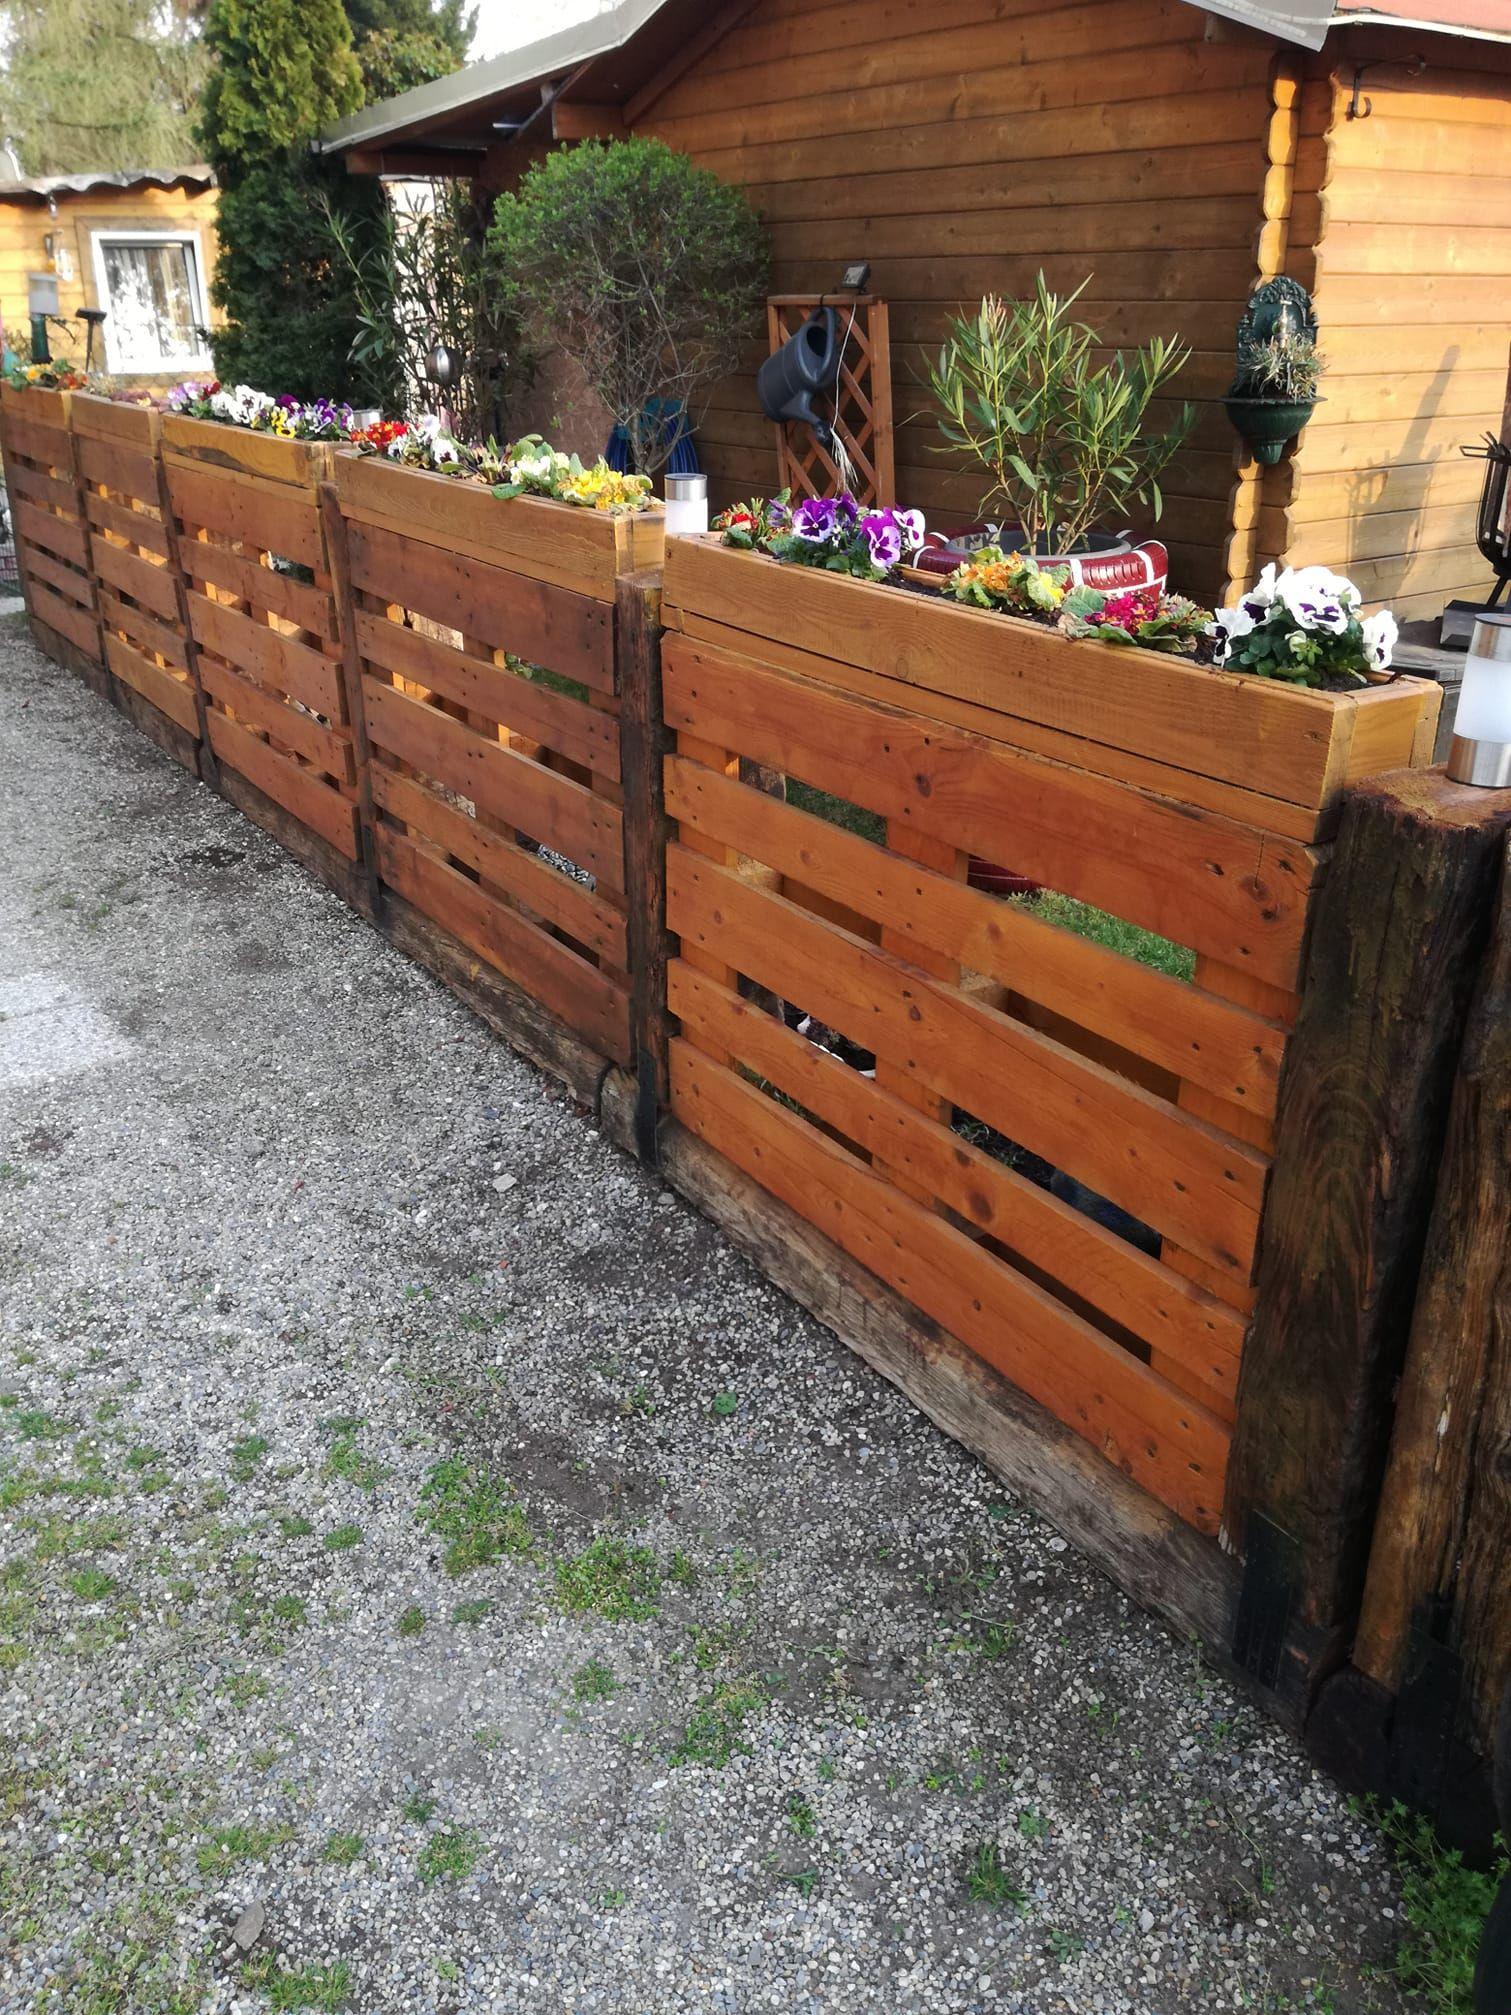 Palettenzaun Gartenprojekte Mit Holzpaletten Paletten Garten Paletten Ideen Garten